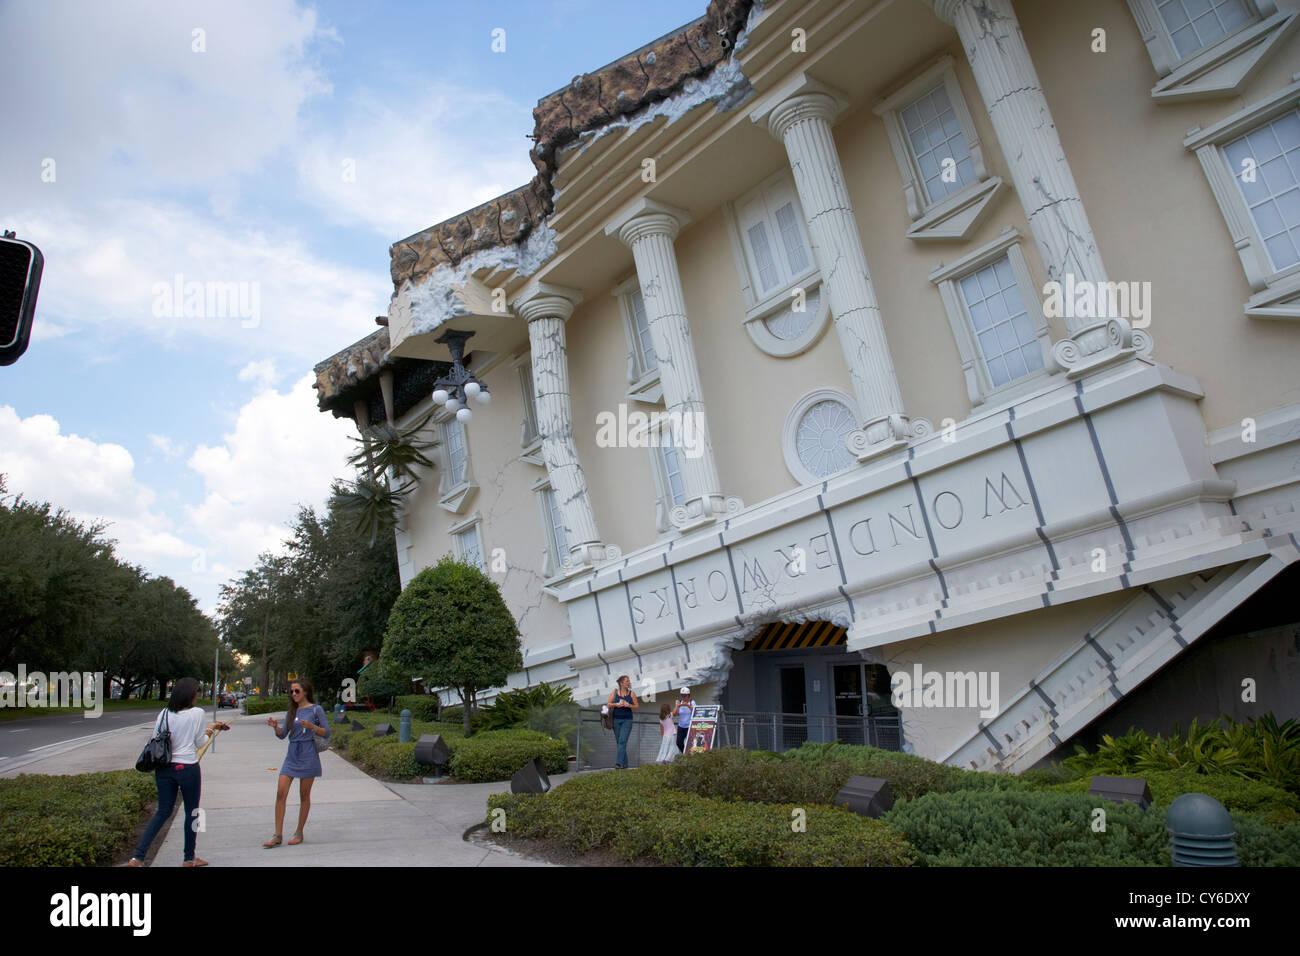 Wonderworks attrazione turistica su International Drive di Orlando in Florida usa Immagini Stock